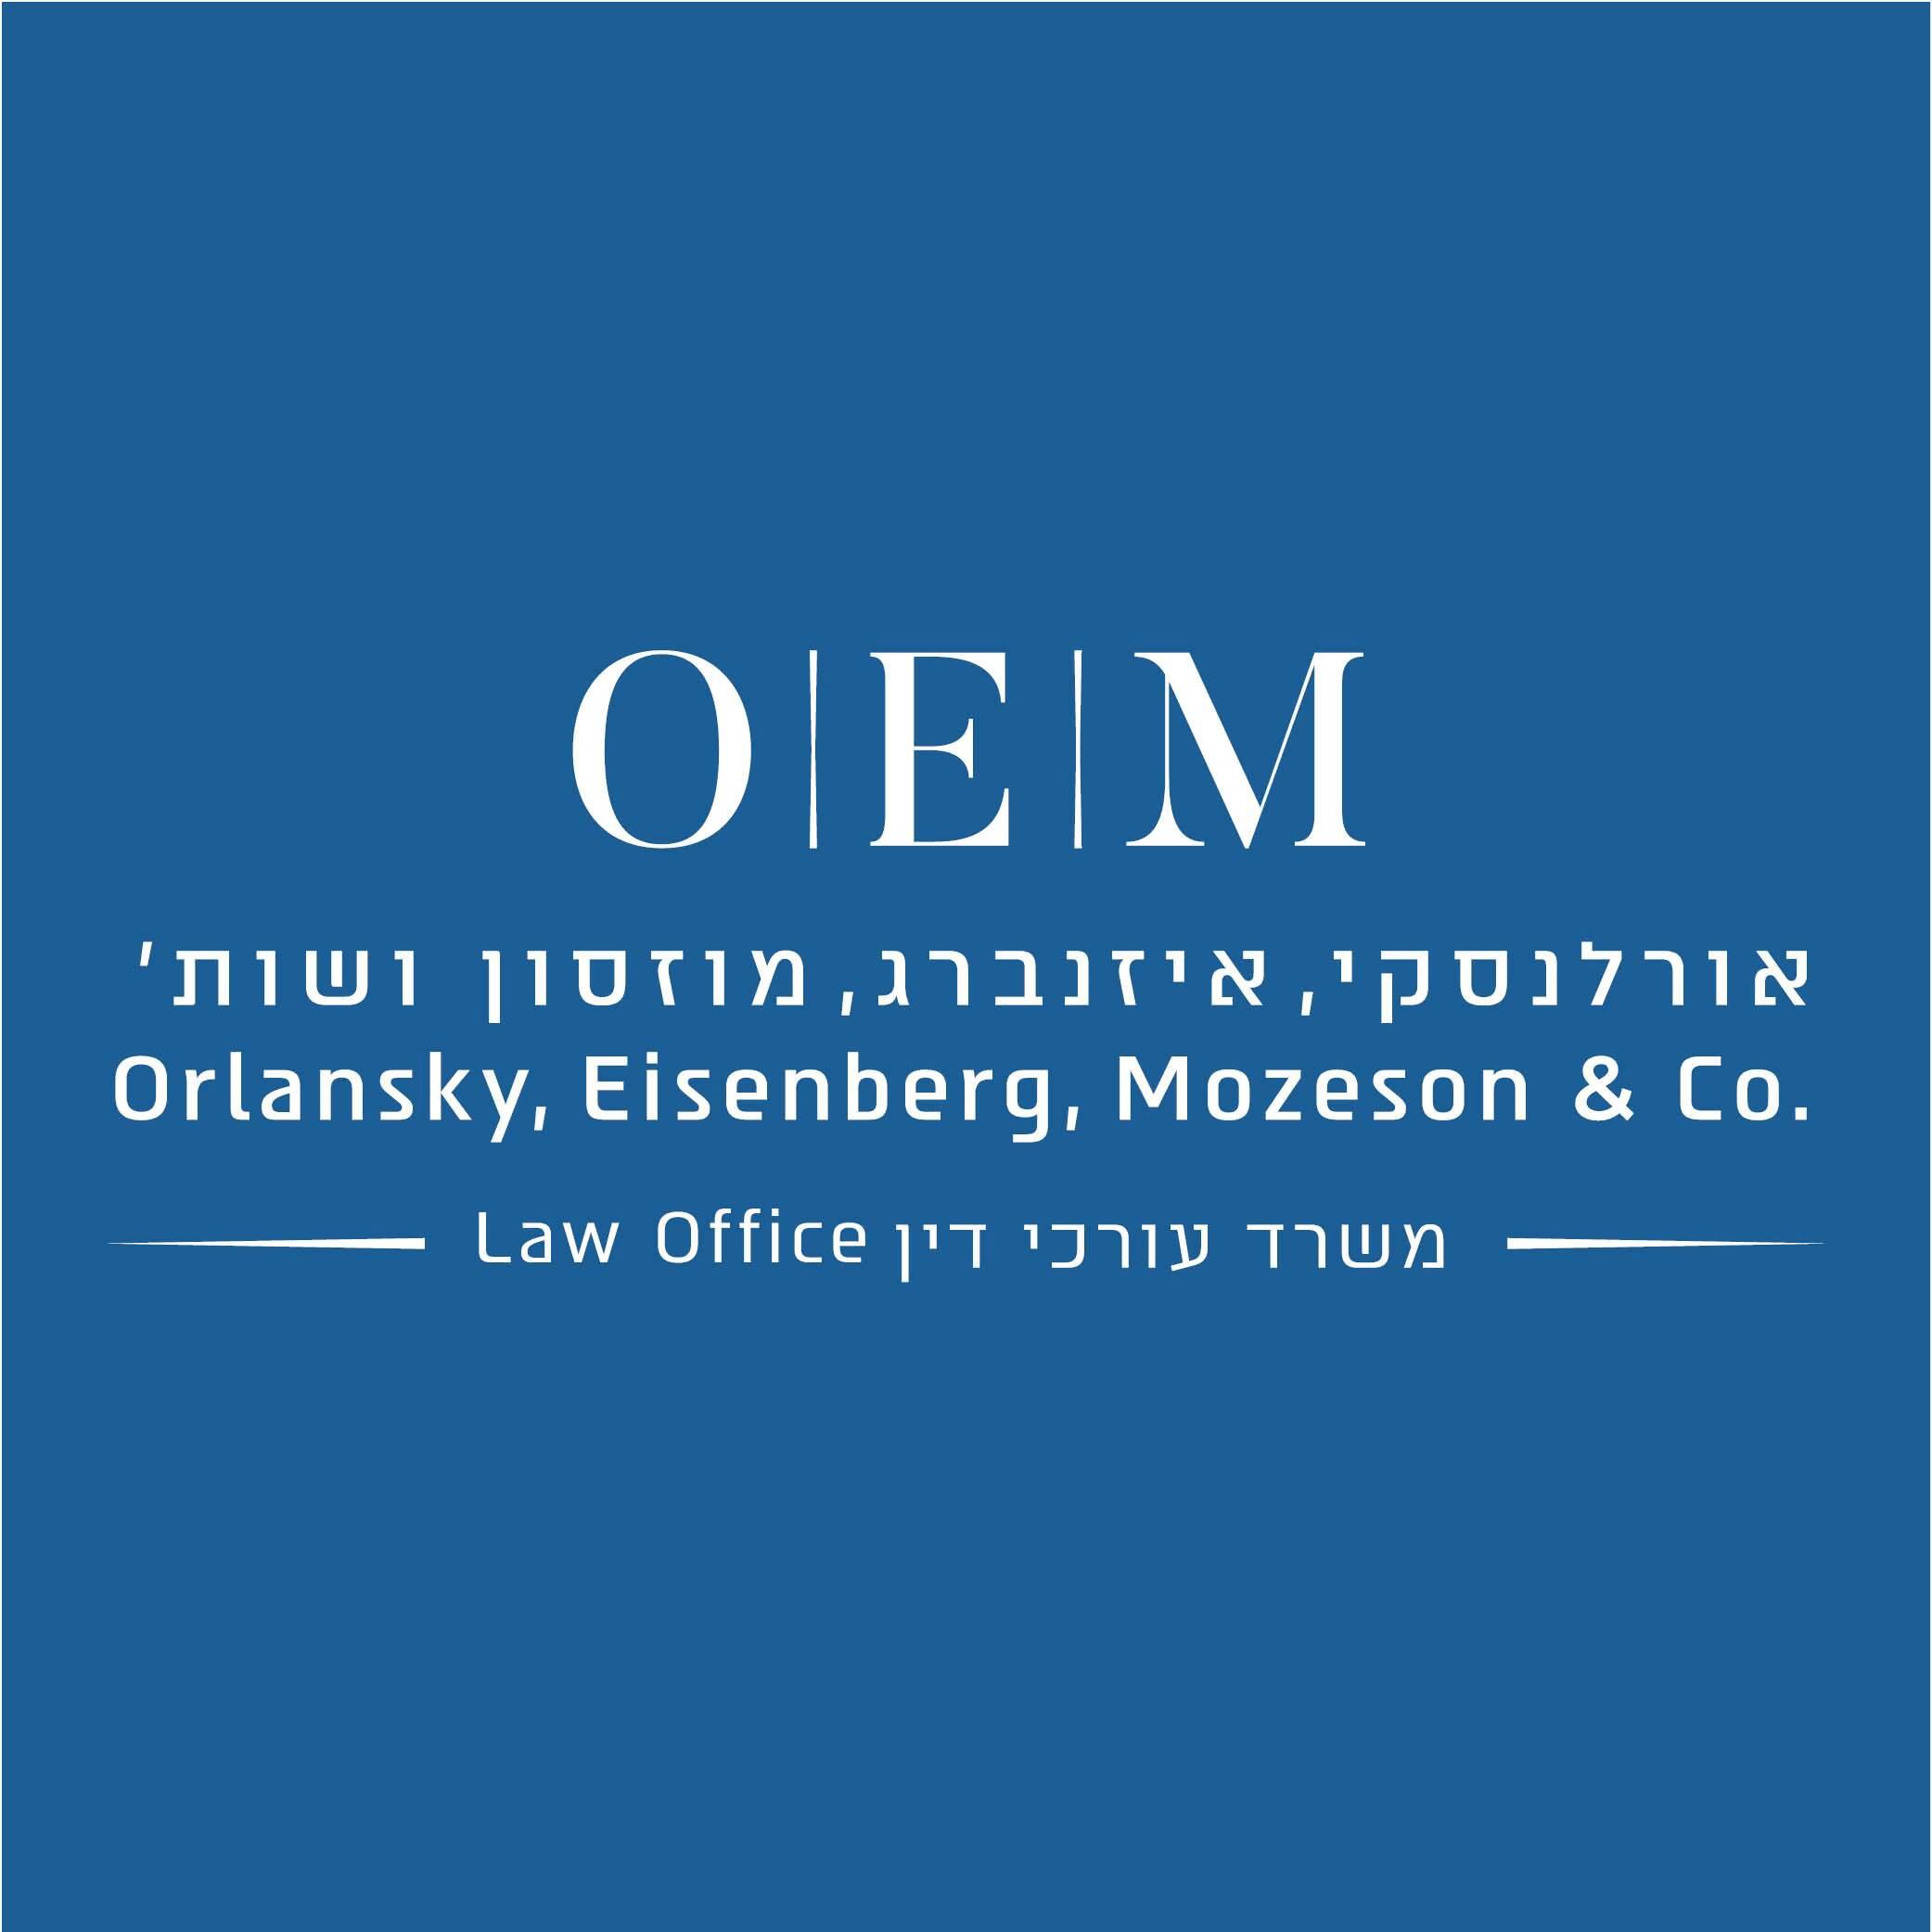 אורלנסקי, איזנברג, מוזסון ושות', עורכי דין